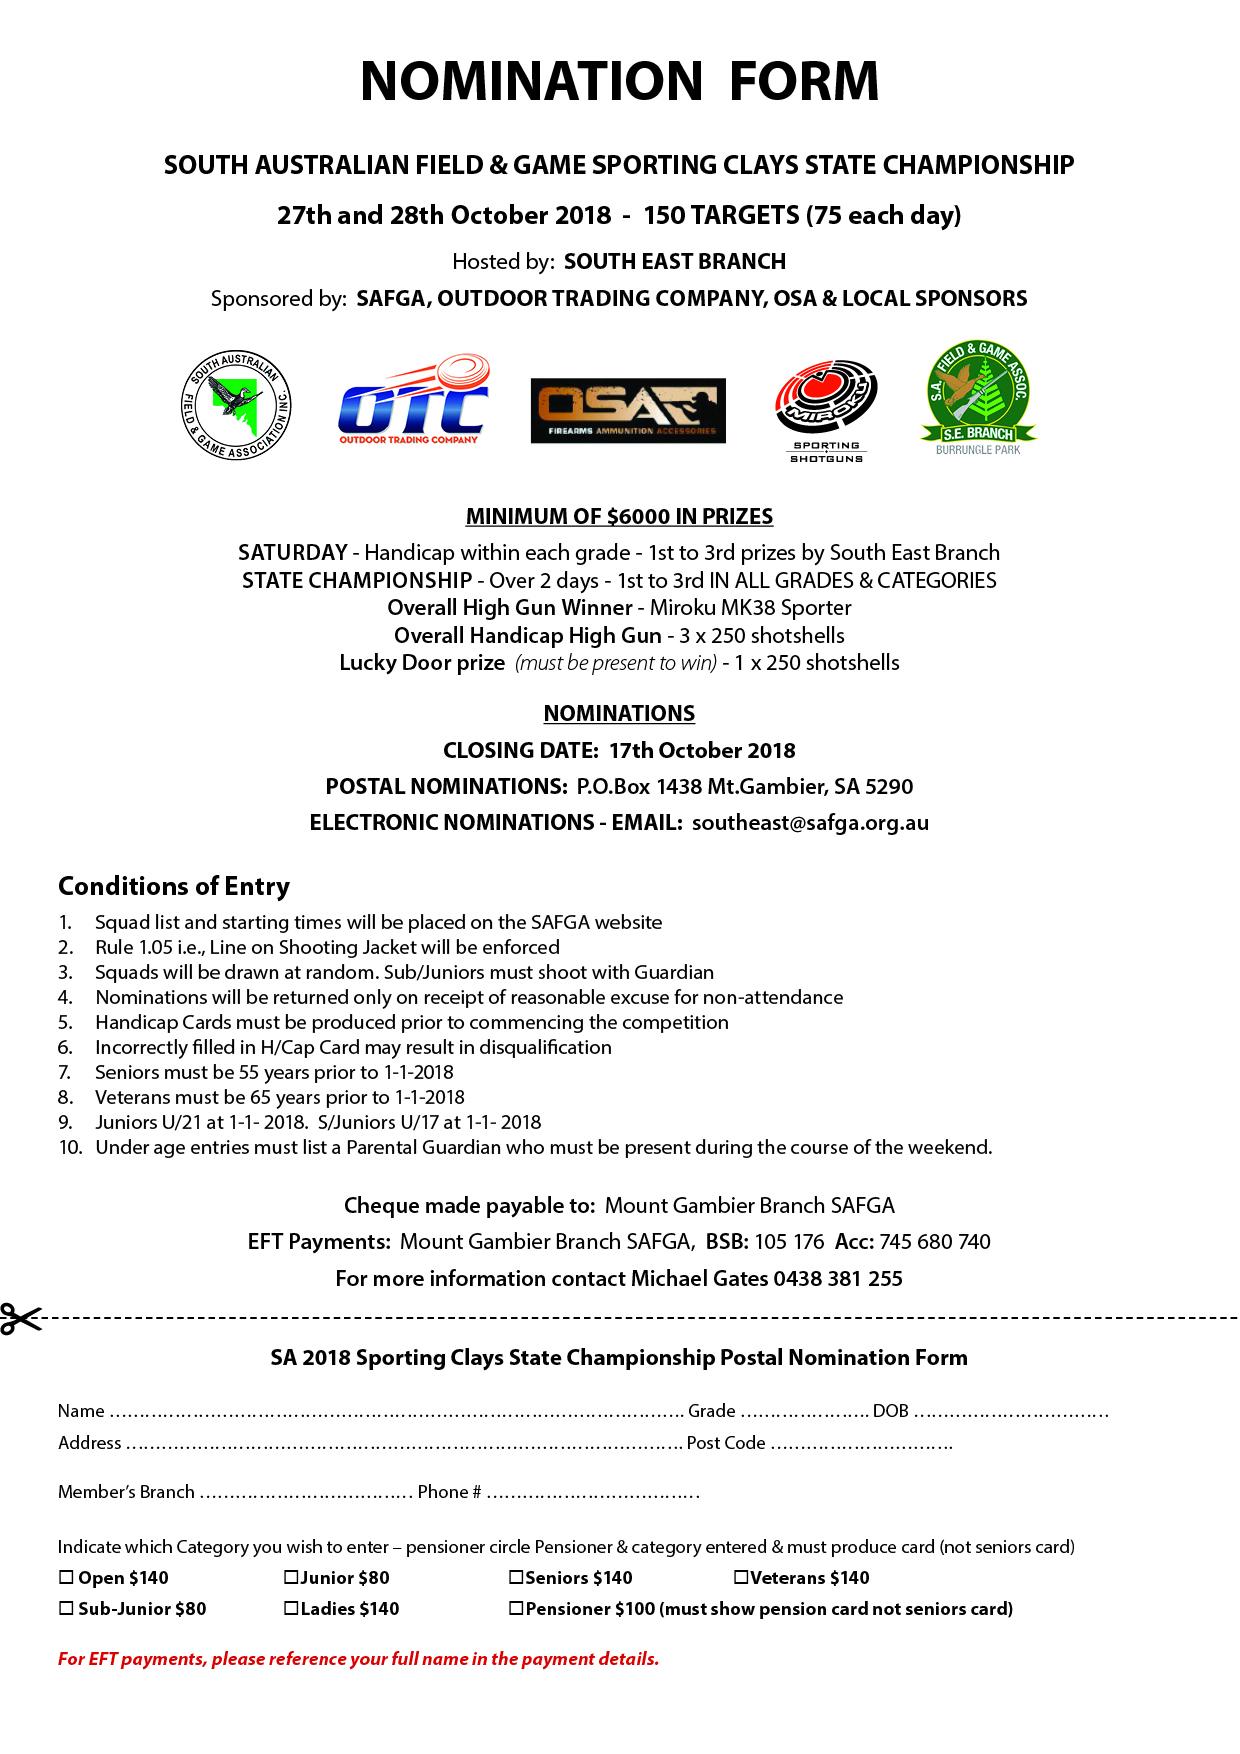 SCA Nomination form